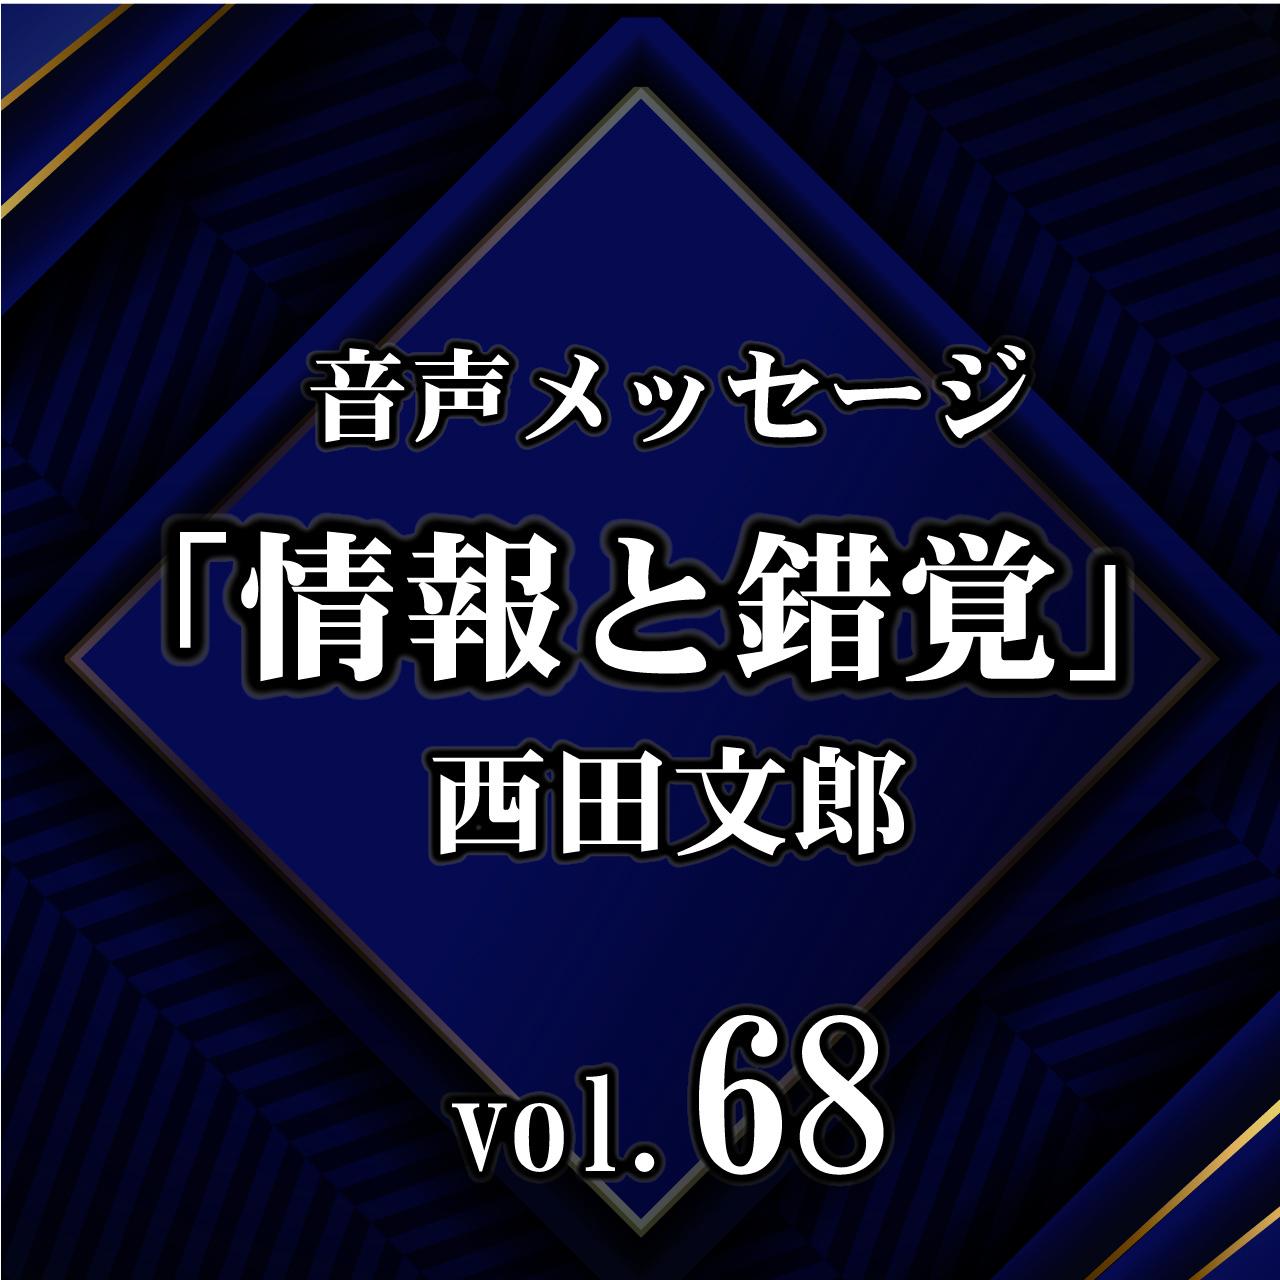 西田文郎 音声メッセージvol.68『情報と錯覚』